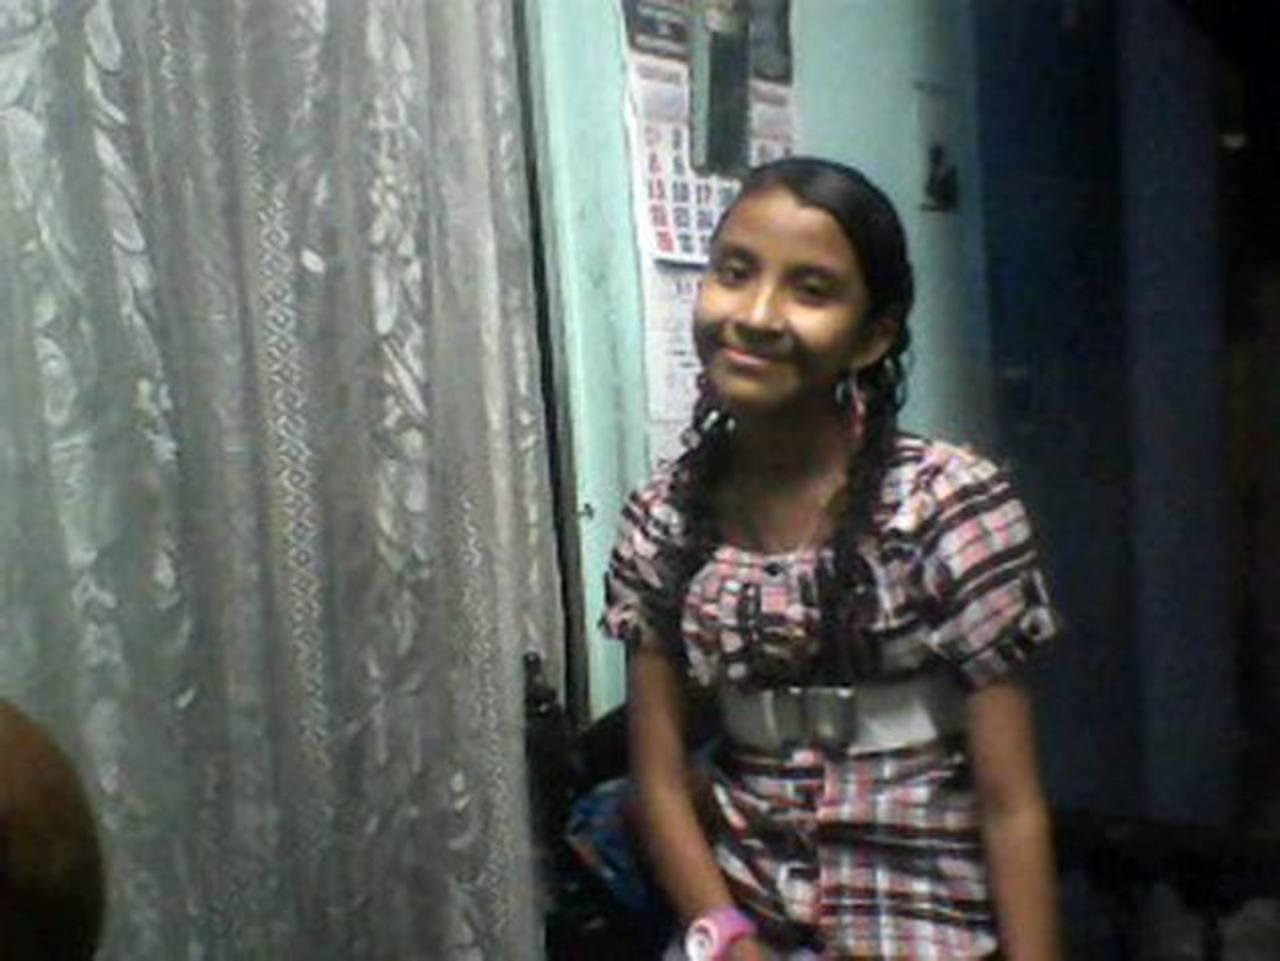 Sandra Gladys Alonso Chávez, de 13 años, desapareció desde el viernes en la tarde, según familiares. Foto EDH / Cortesía